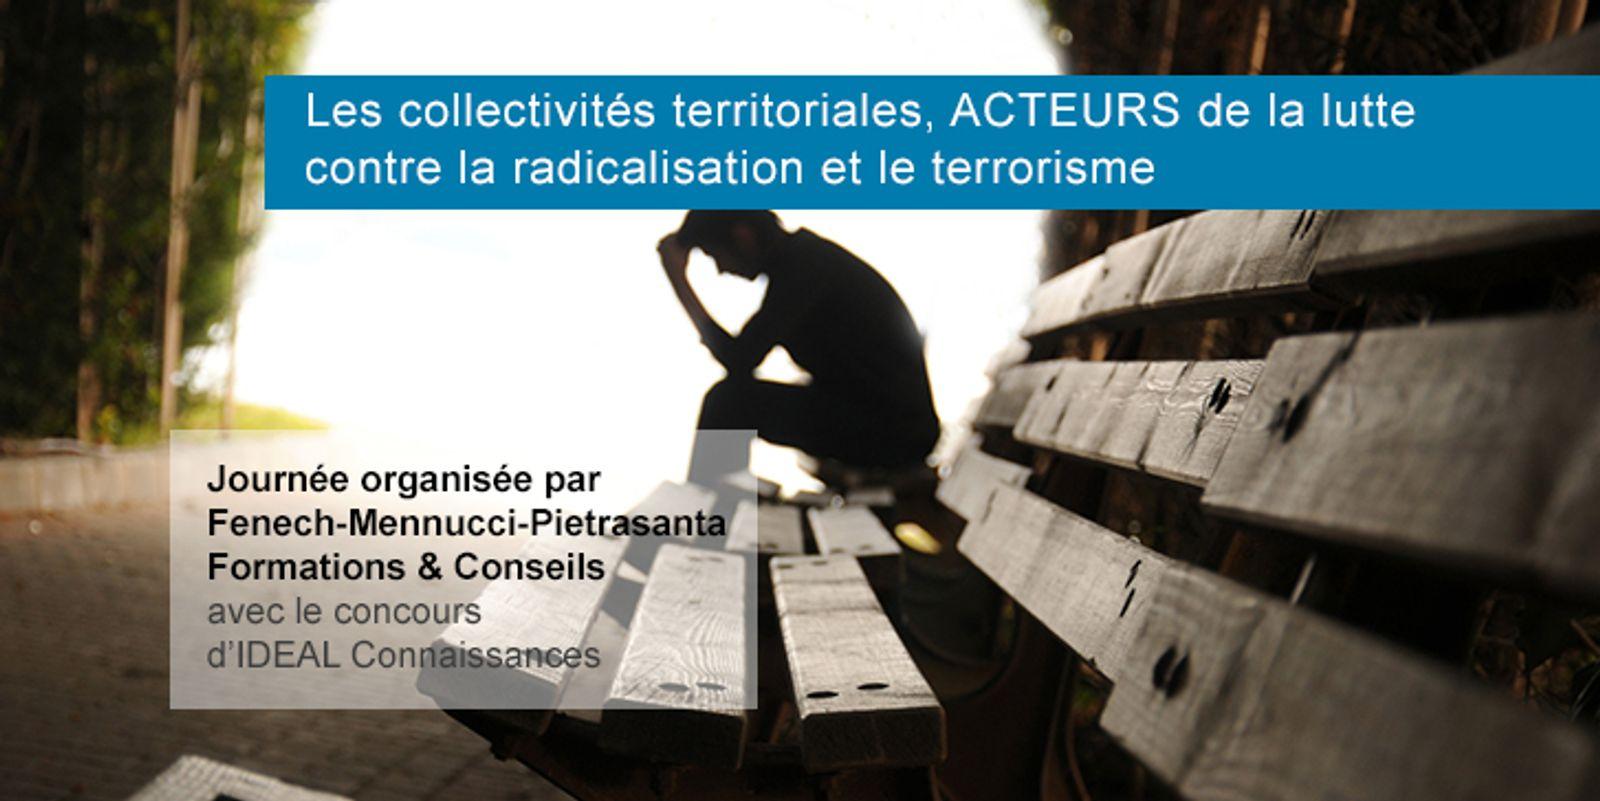 Les collectivités territoriales, acteurs de la lutte contre la radicalisation et le terrorisme